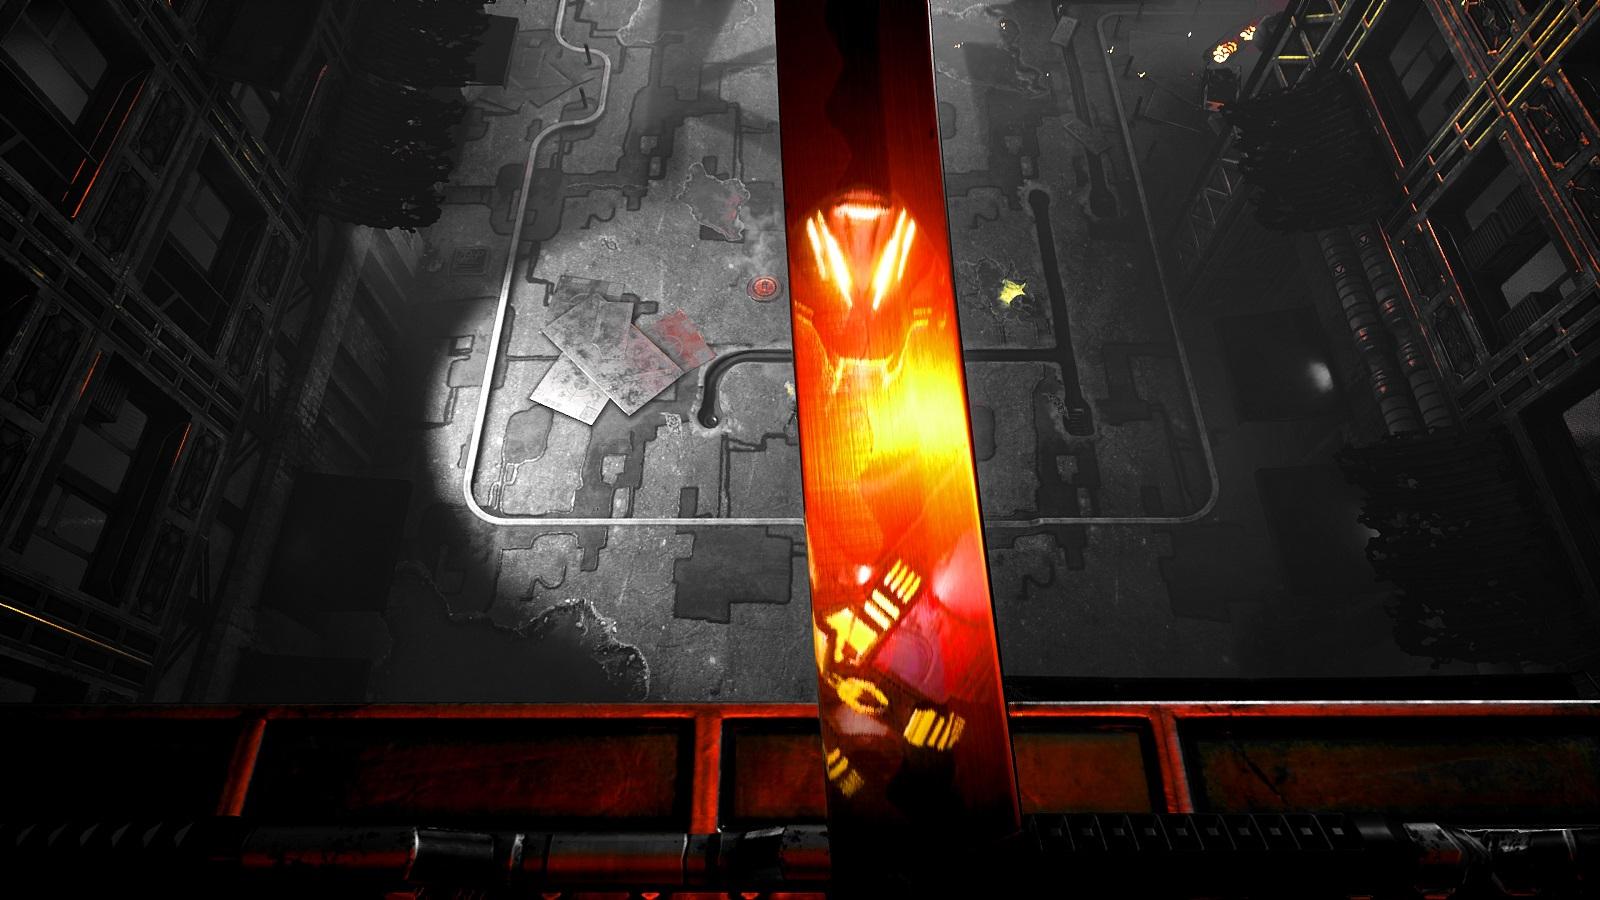 Ghostrunner превзошла ожидания создателей — к концу 2020 года продажи игры превысили 500 тыс. копий